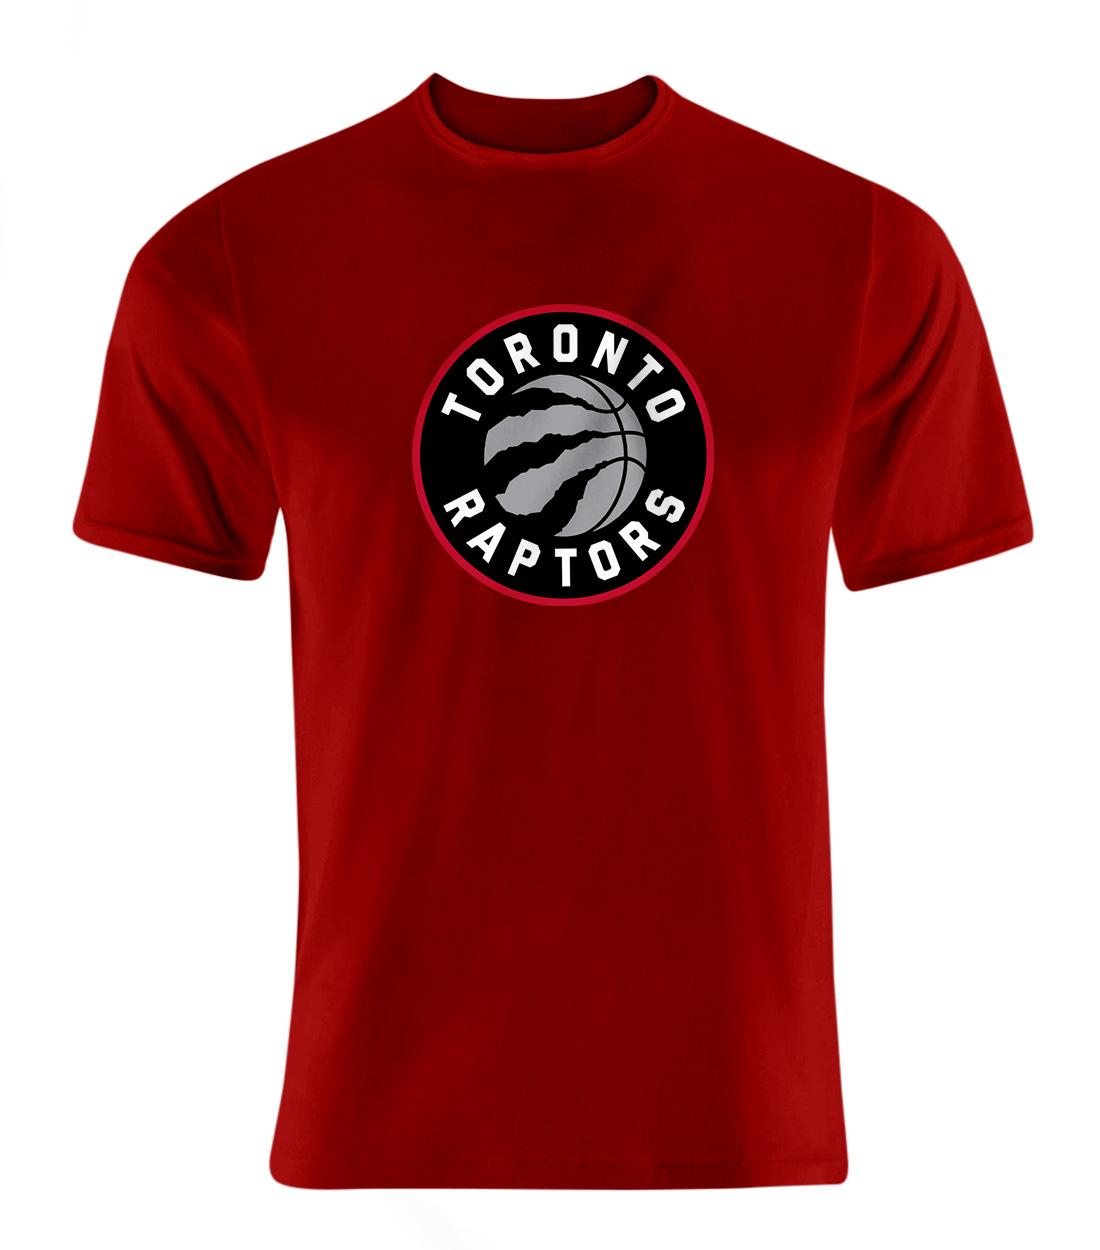 Toronto Raptors Tshirt (TSH-RED-NP-197-NBA-TOR-LOGO)